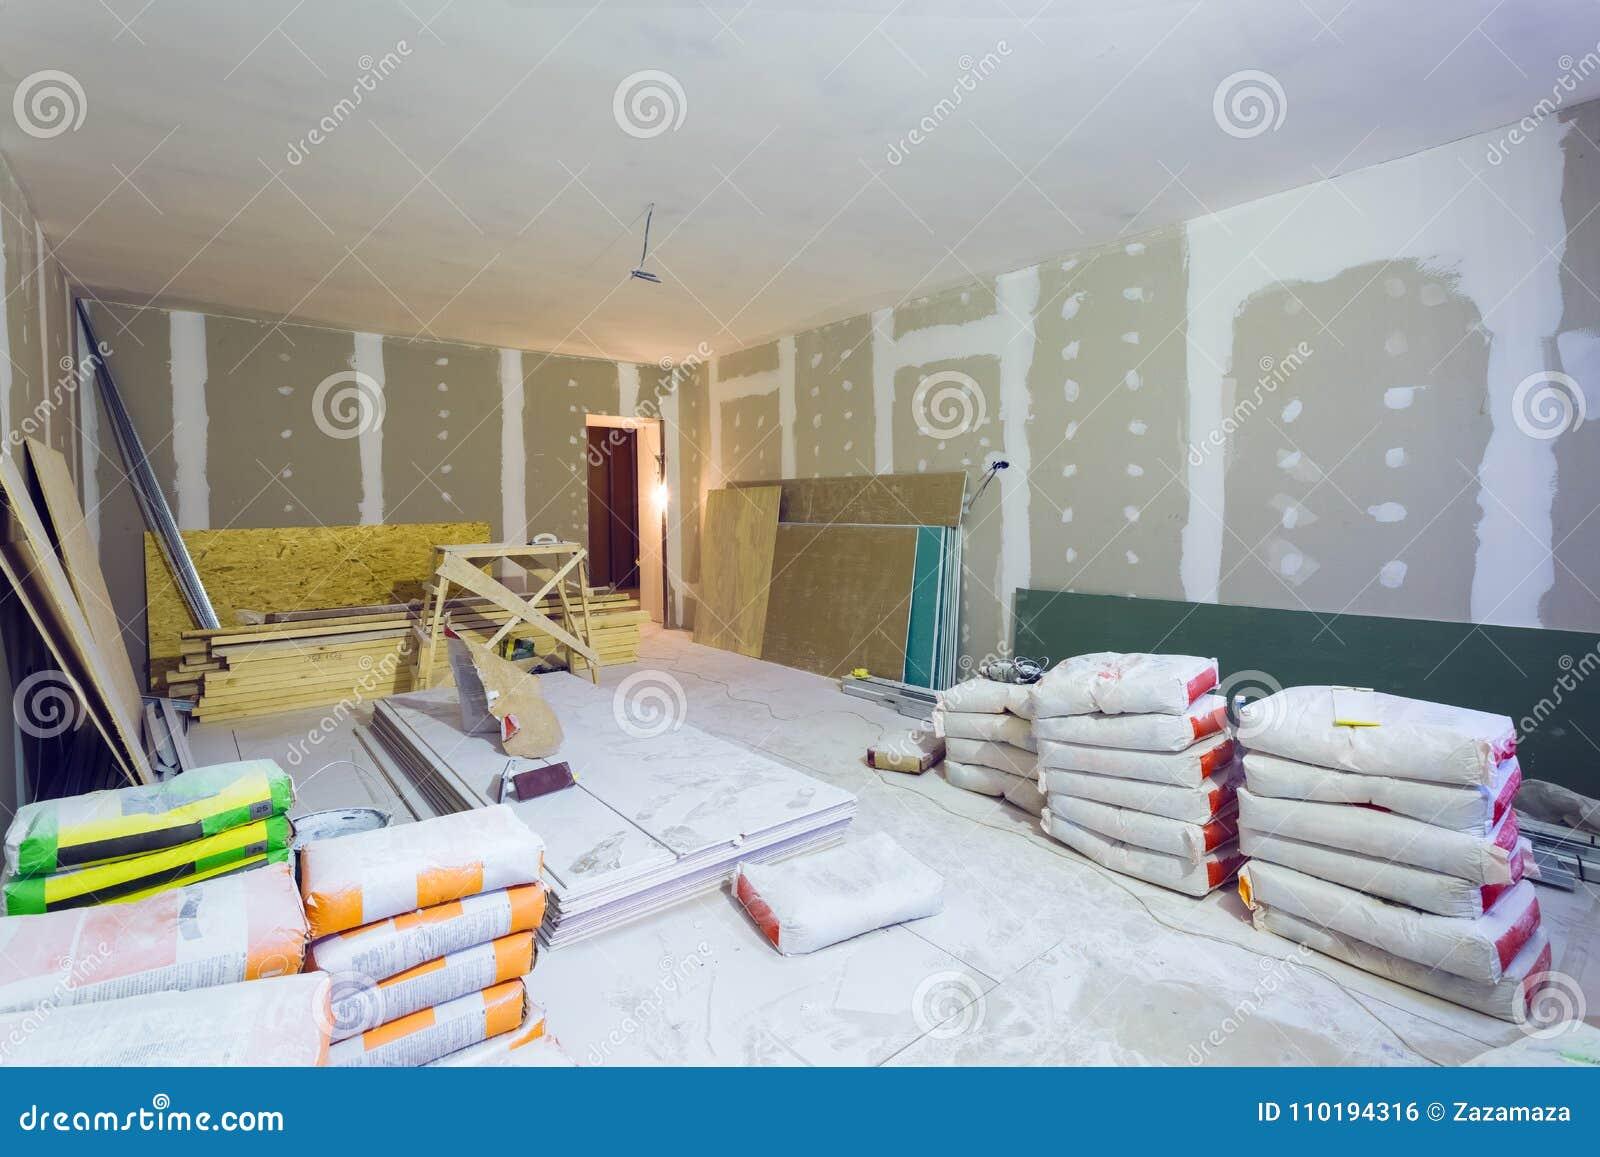 Les matériaux pour des paquets de mastic de construction, des feuilles de plaque de plâtre ou la cloison sèche en appartement est